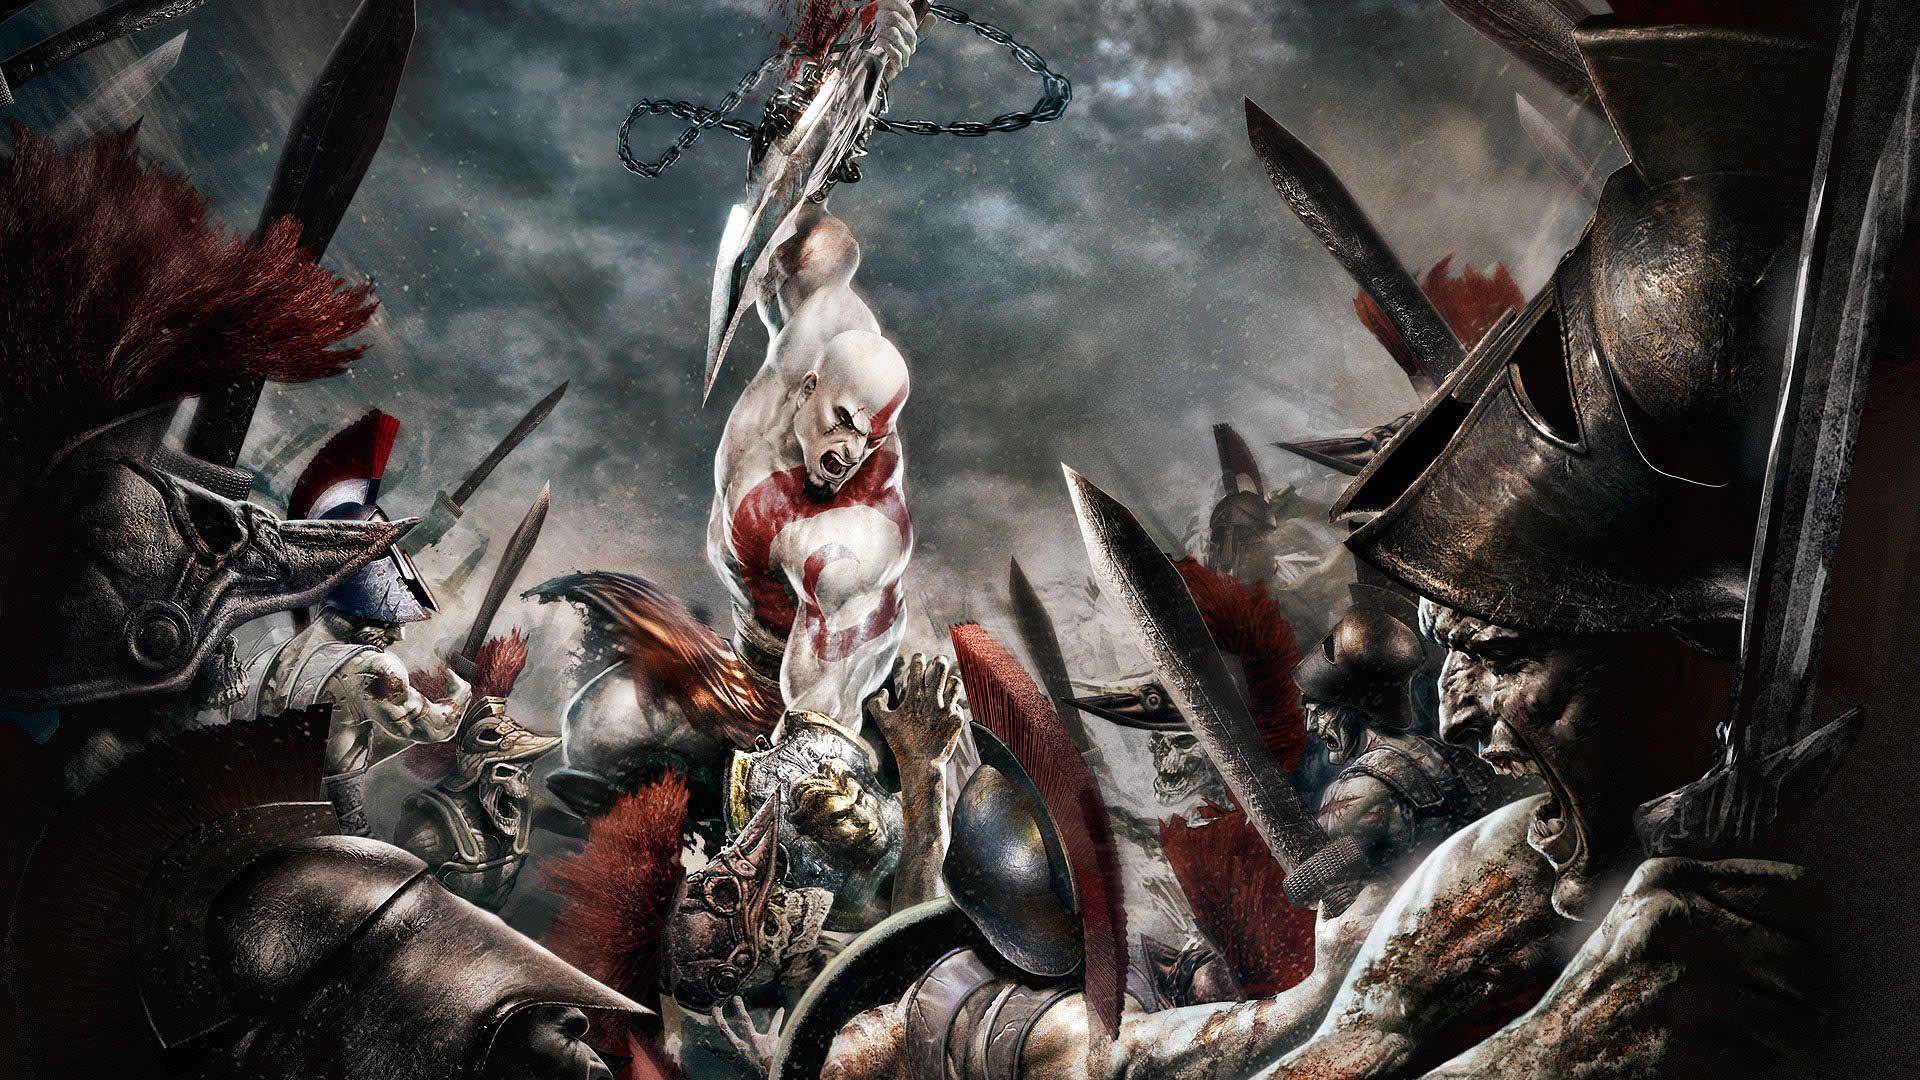 Video Game - God Of War  Ghost Kratos (God Of War) War God Wallpaper